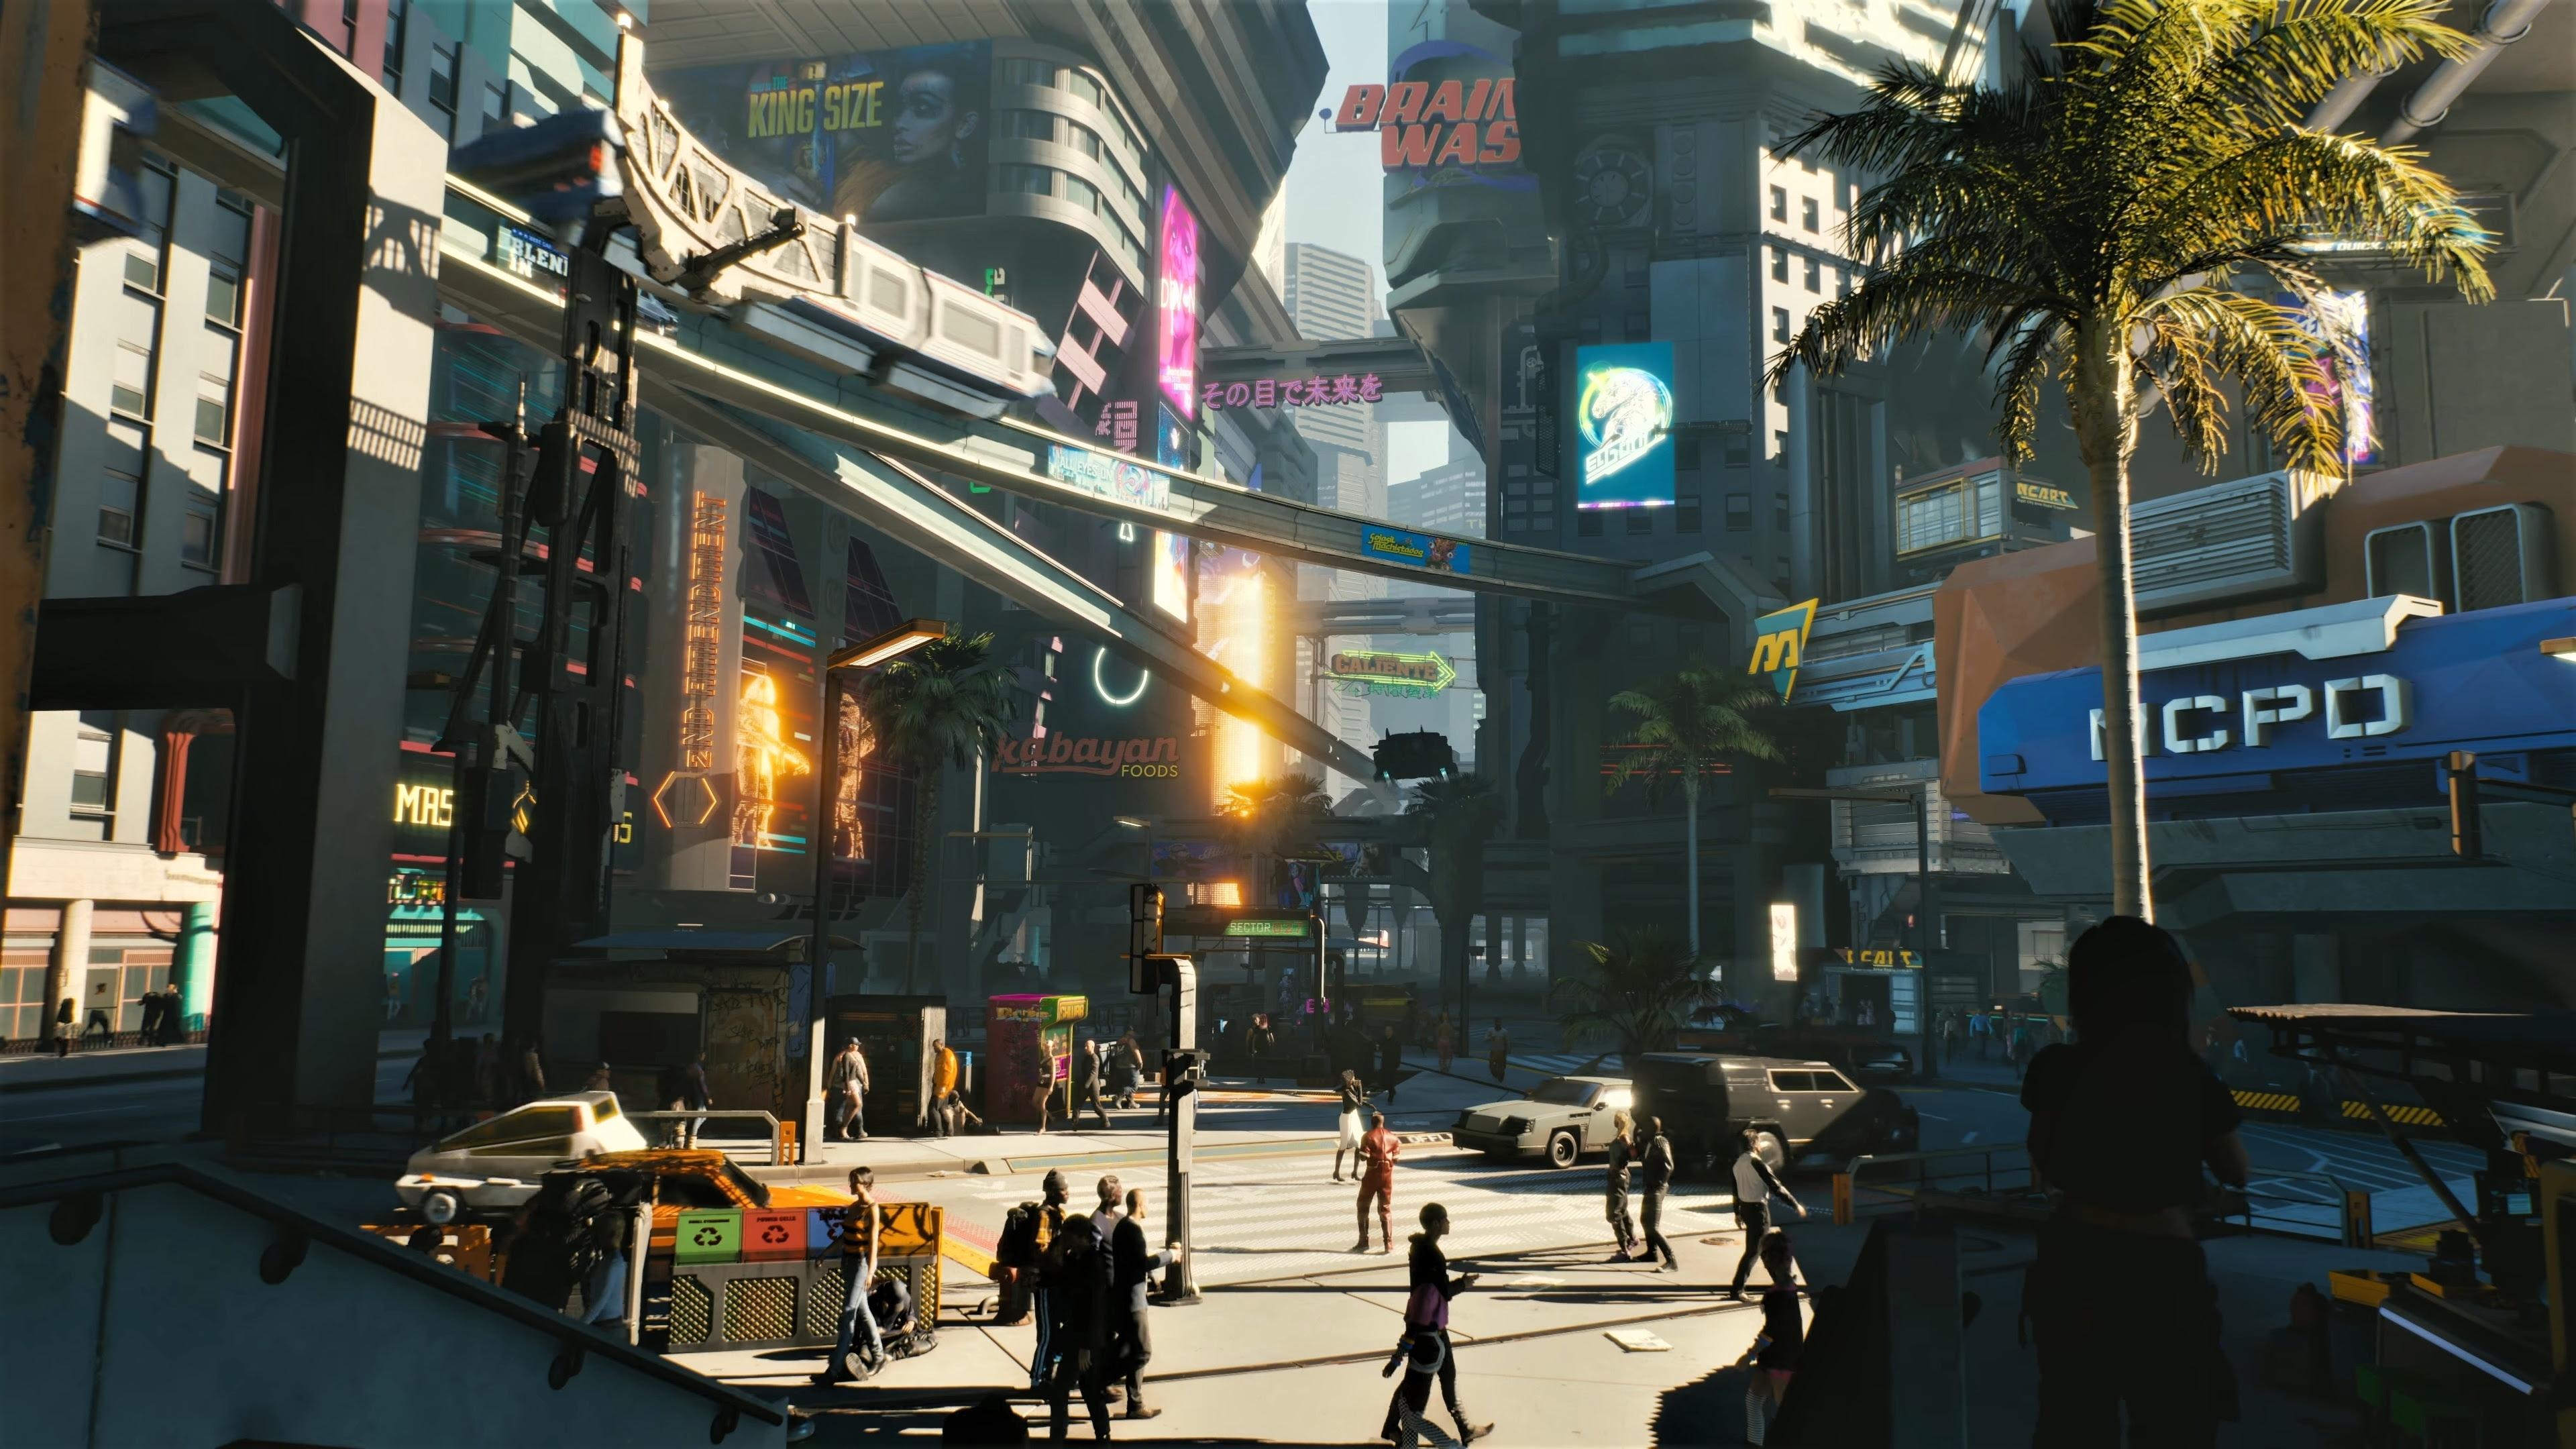 Download 3840x2400 wallpaper modern city, cyberpunk 2077 ...